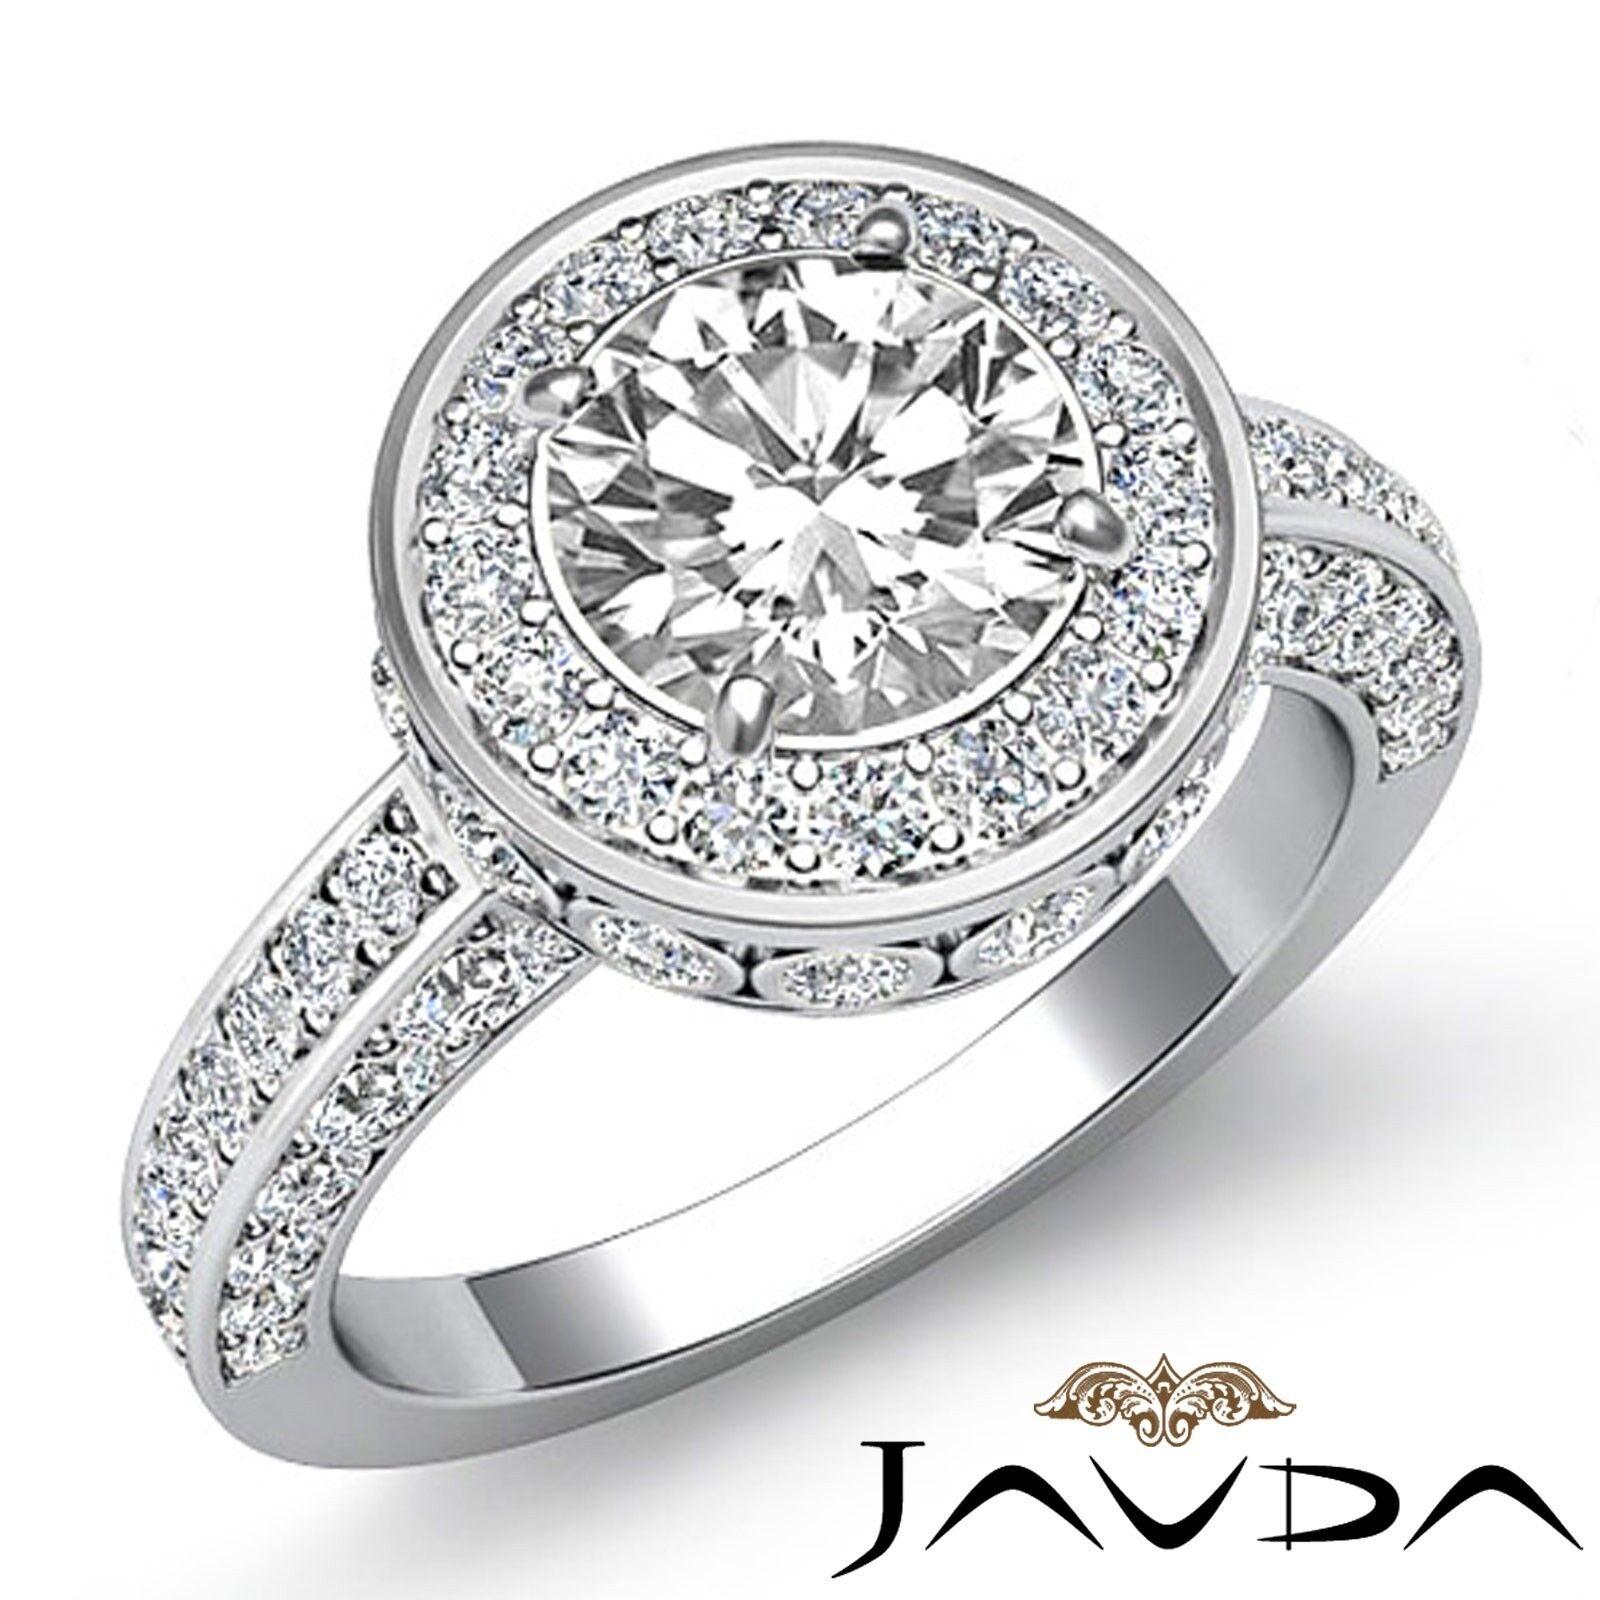 1.79ctw Halo Bezel Side Stone Round Diamond Engagement Ring GIA I-VS1 White Gold